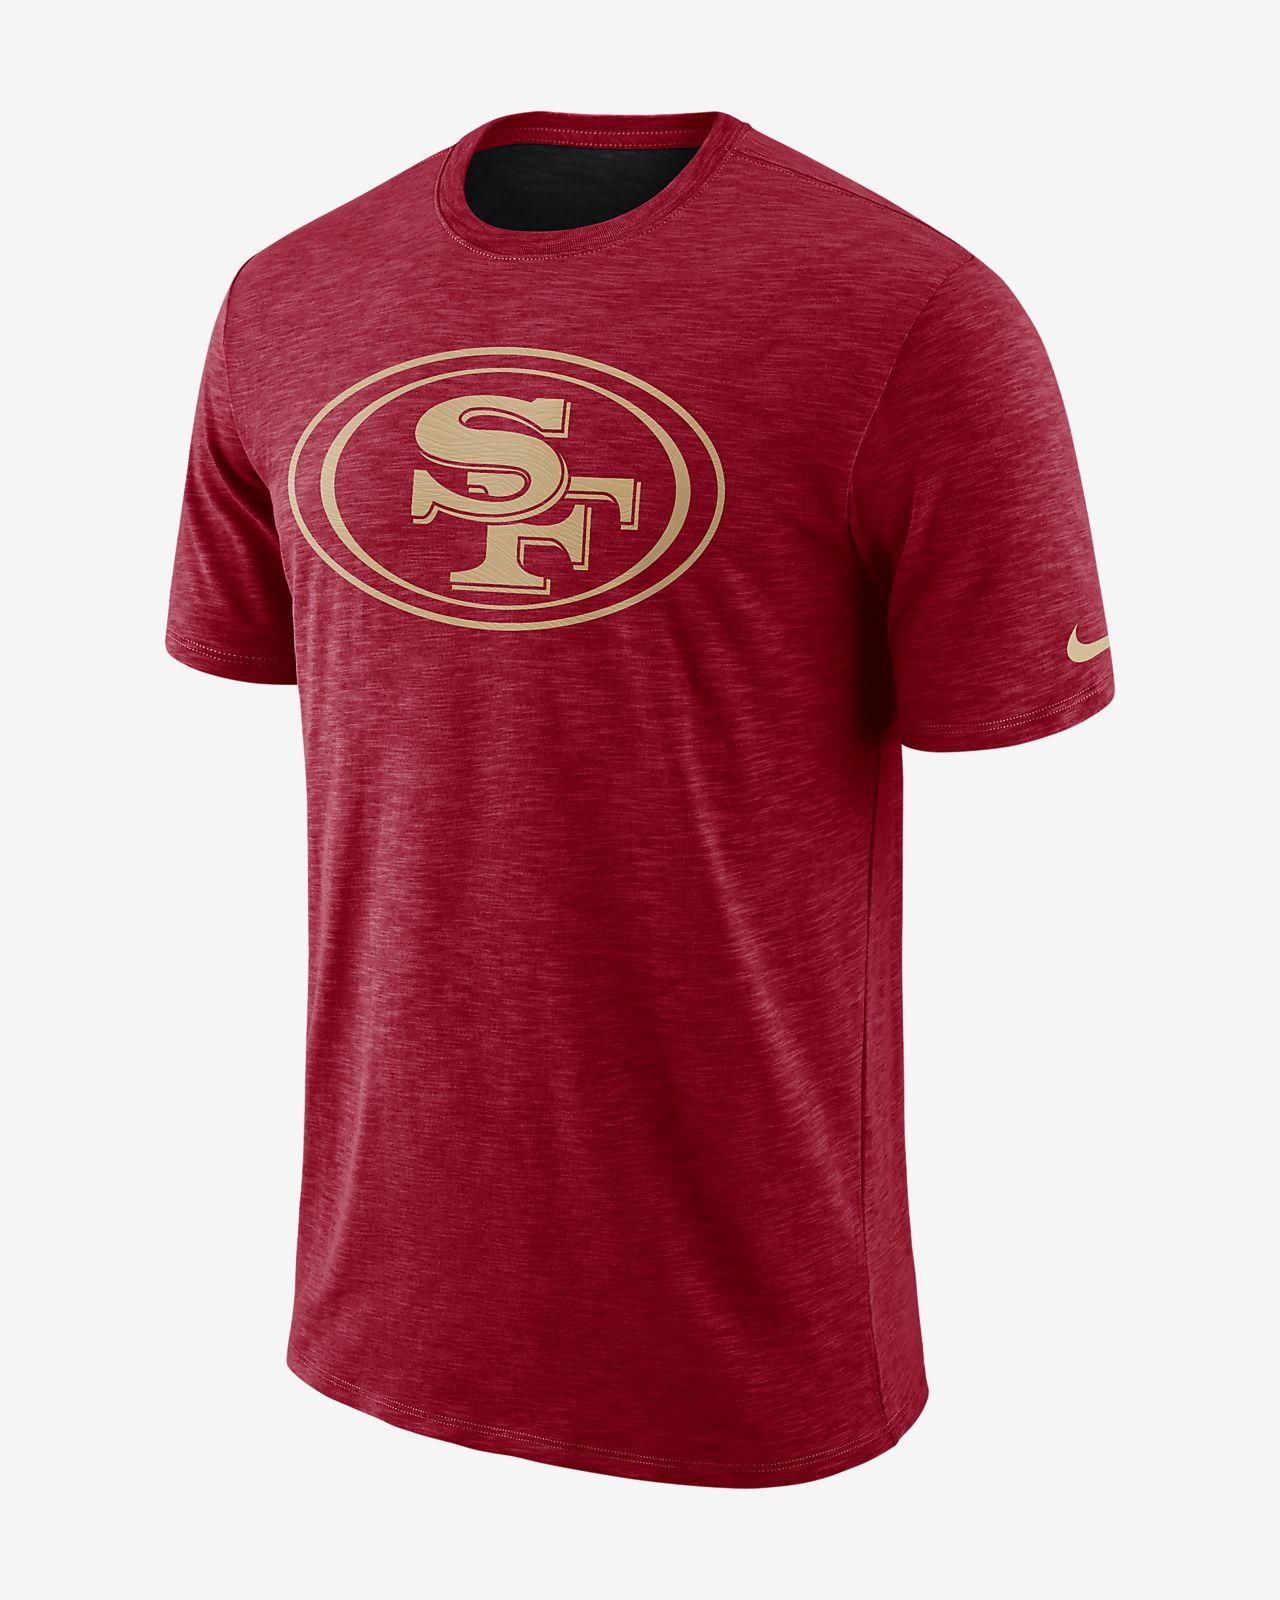 Jeu Réel Pas Cher Express Rapide Nike Tee-shirt Dri-FIT Legend On-Field (NFL 49ers) pour Homme Énorme Surprise Pas Cher En Ligne eRzWKy